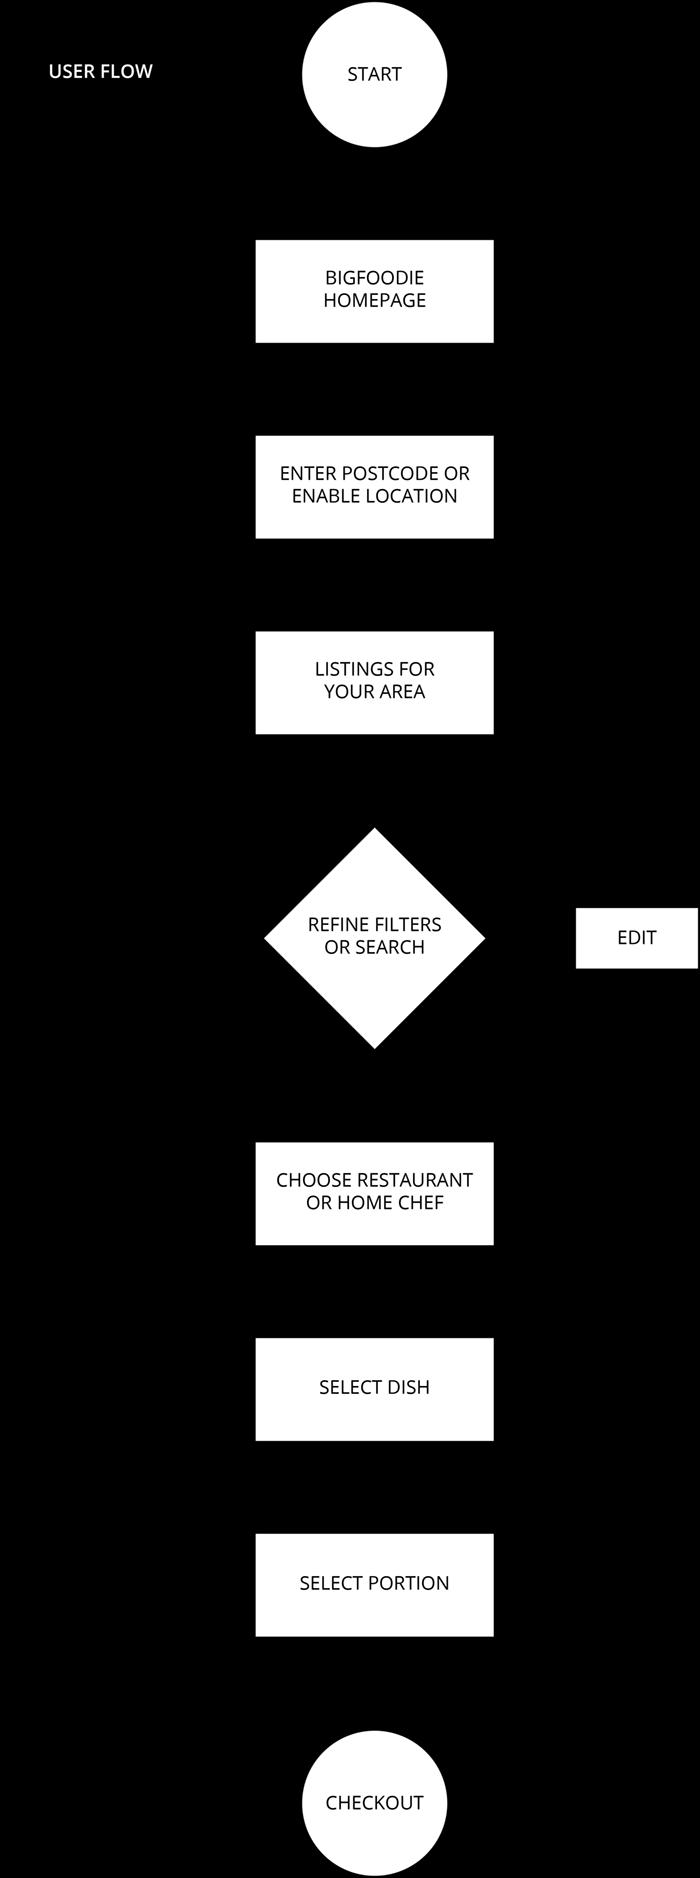 User Flow - Order Meal